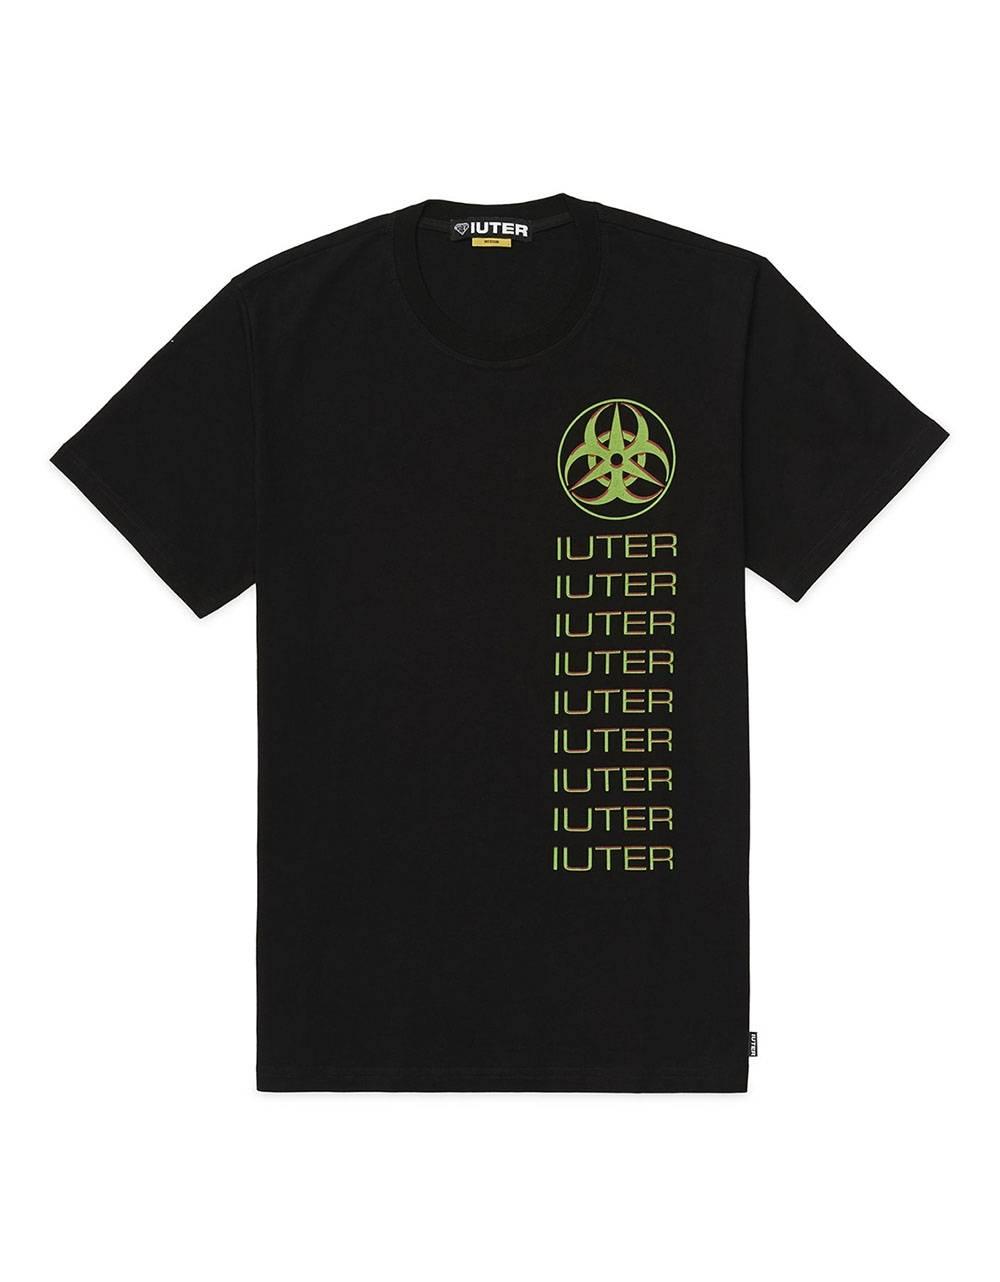 Iuter Toxic tee - Black IUTER T-shirt 40,00€